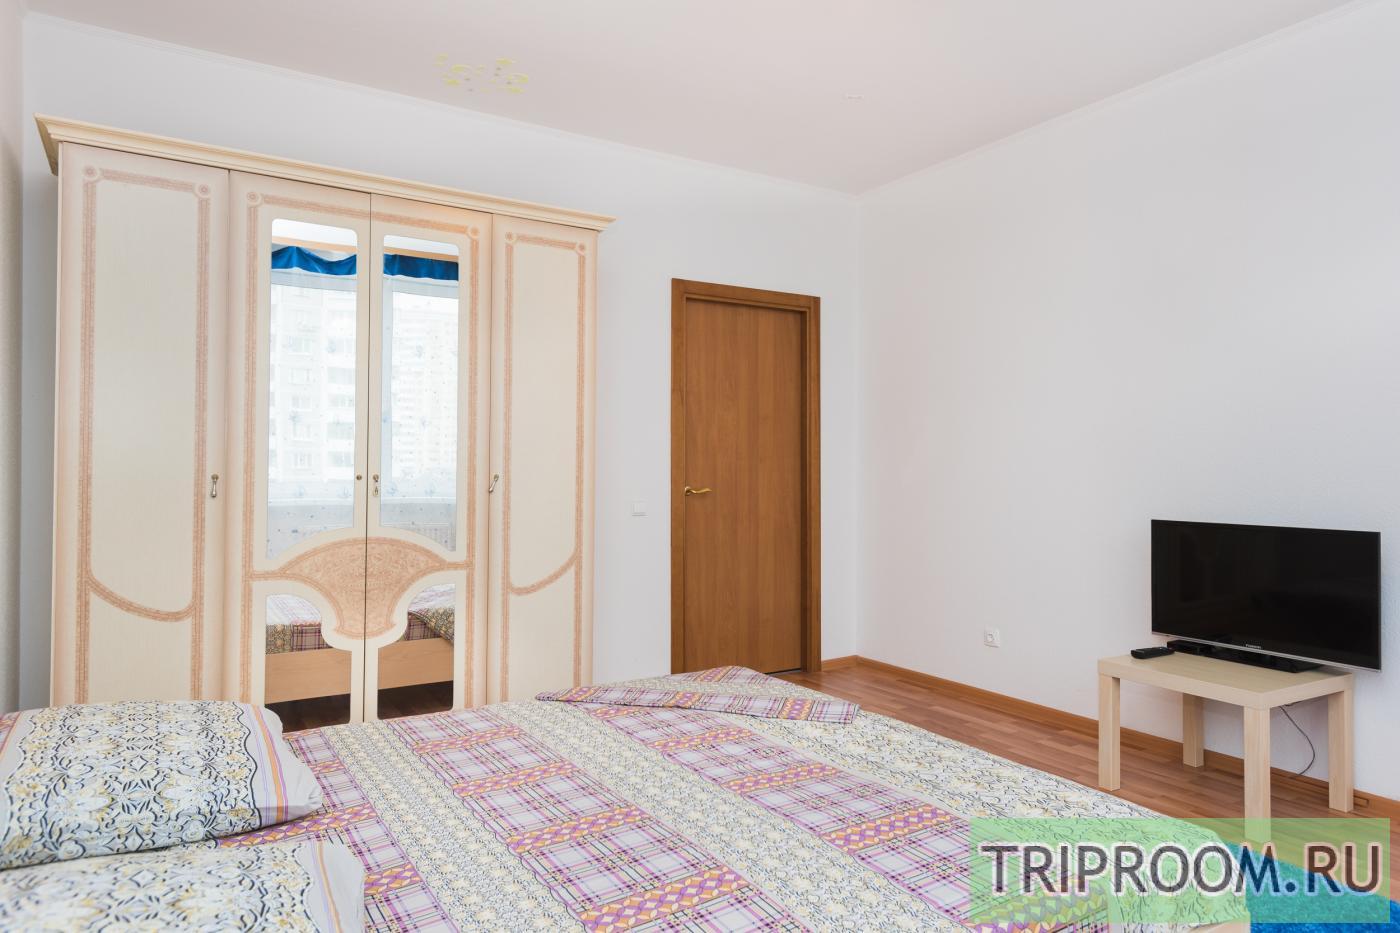 2-комнатная квартира посуточно (вариант № 11950), ул. Шейнкмана улица, фото № 7